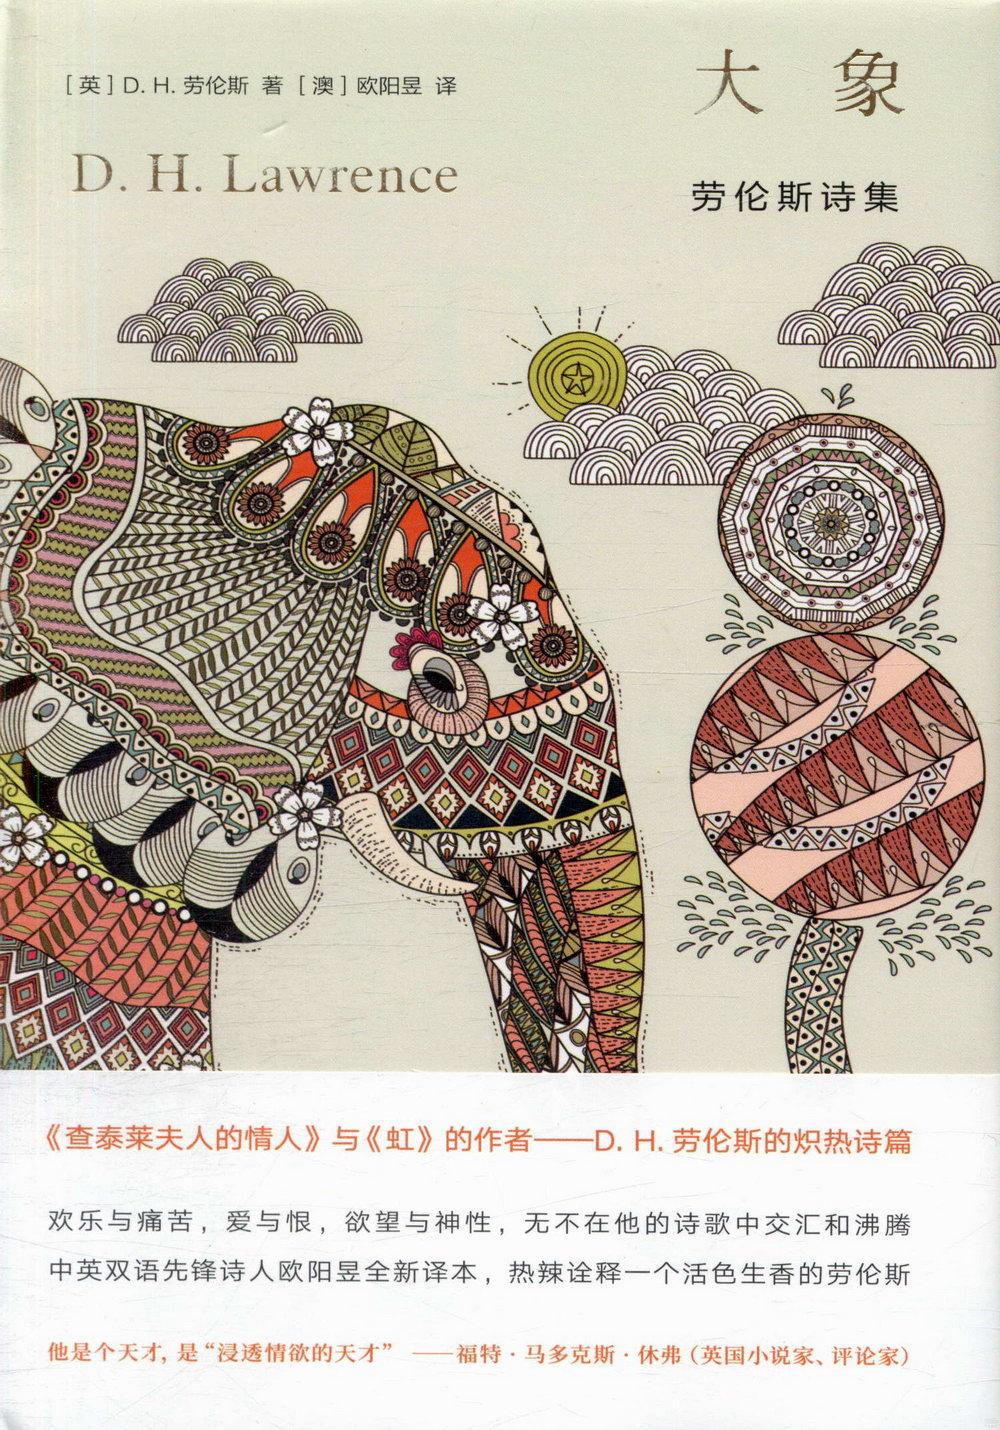 大象:勞倫斯詩集